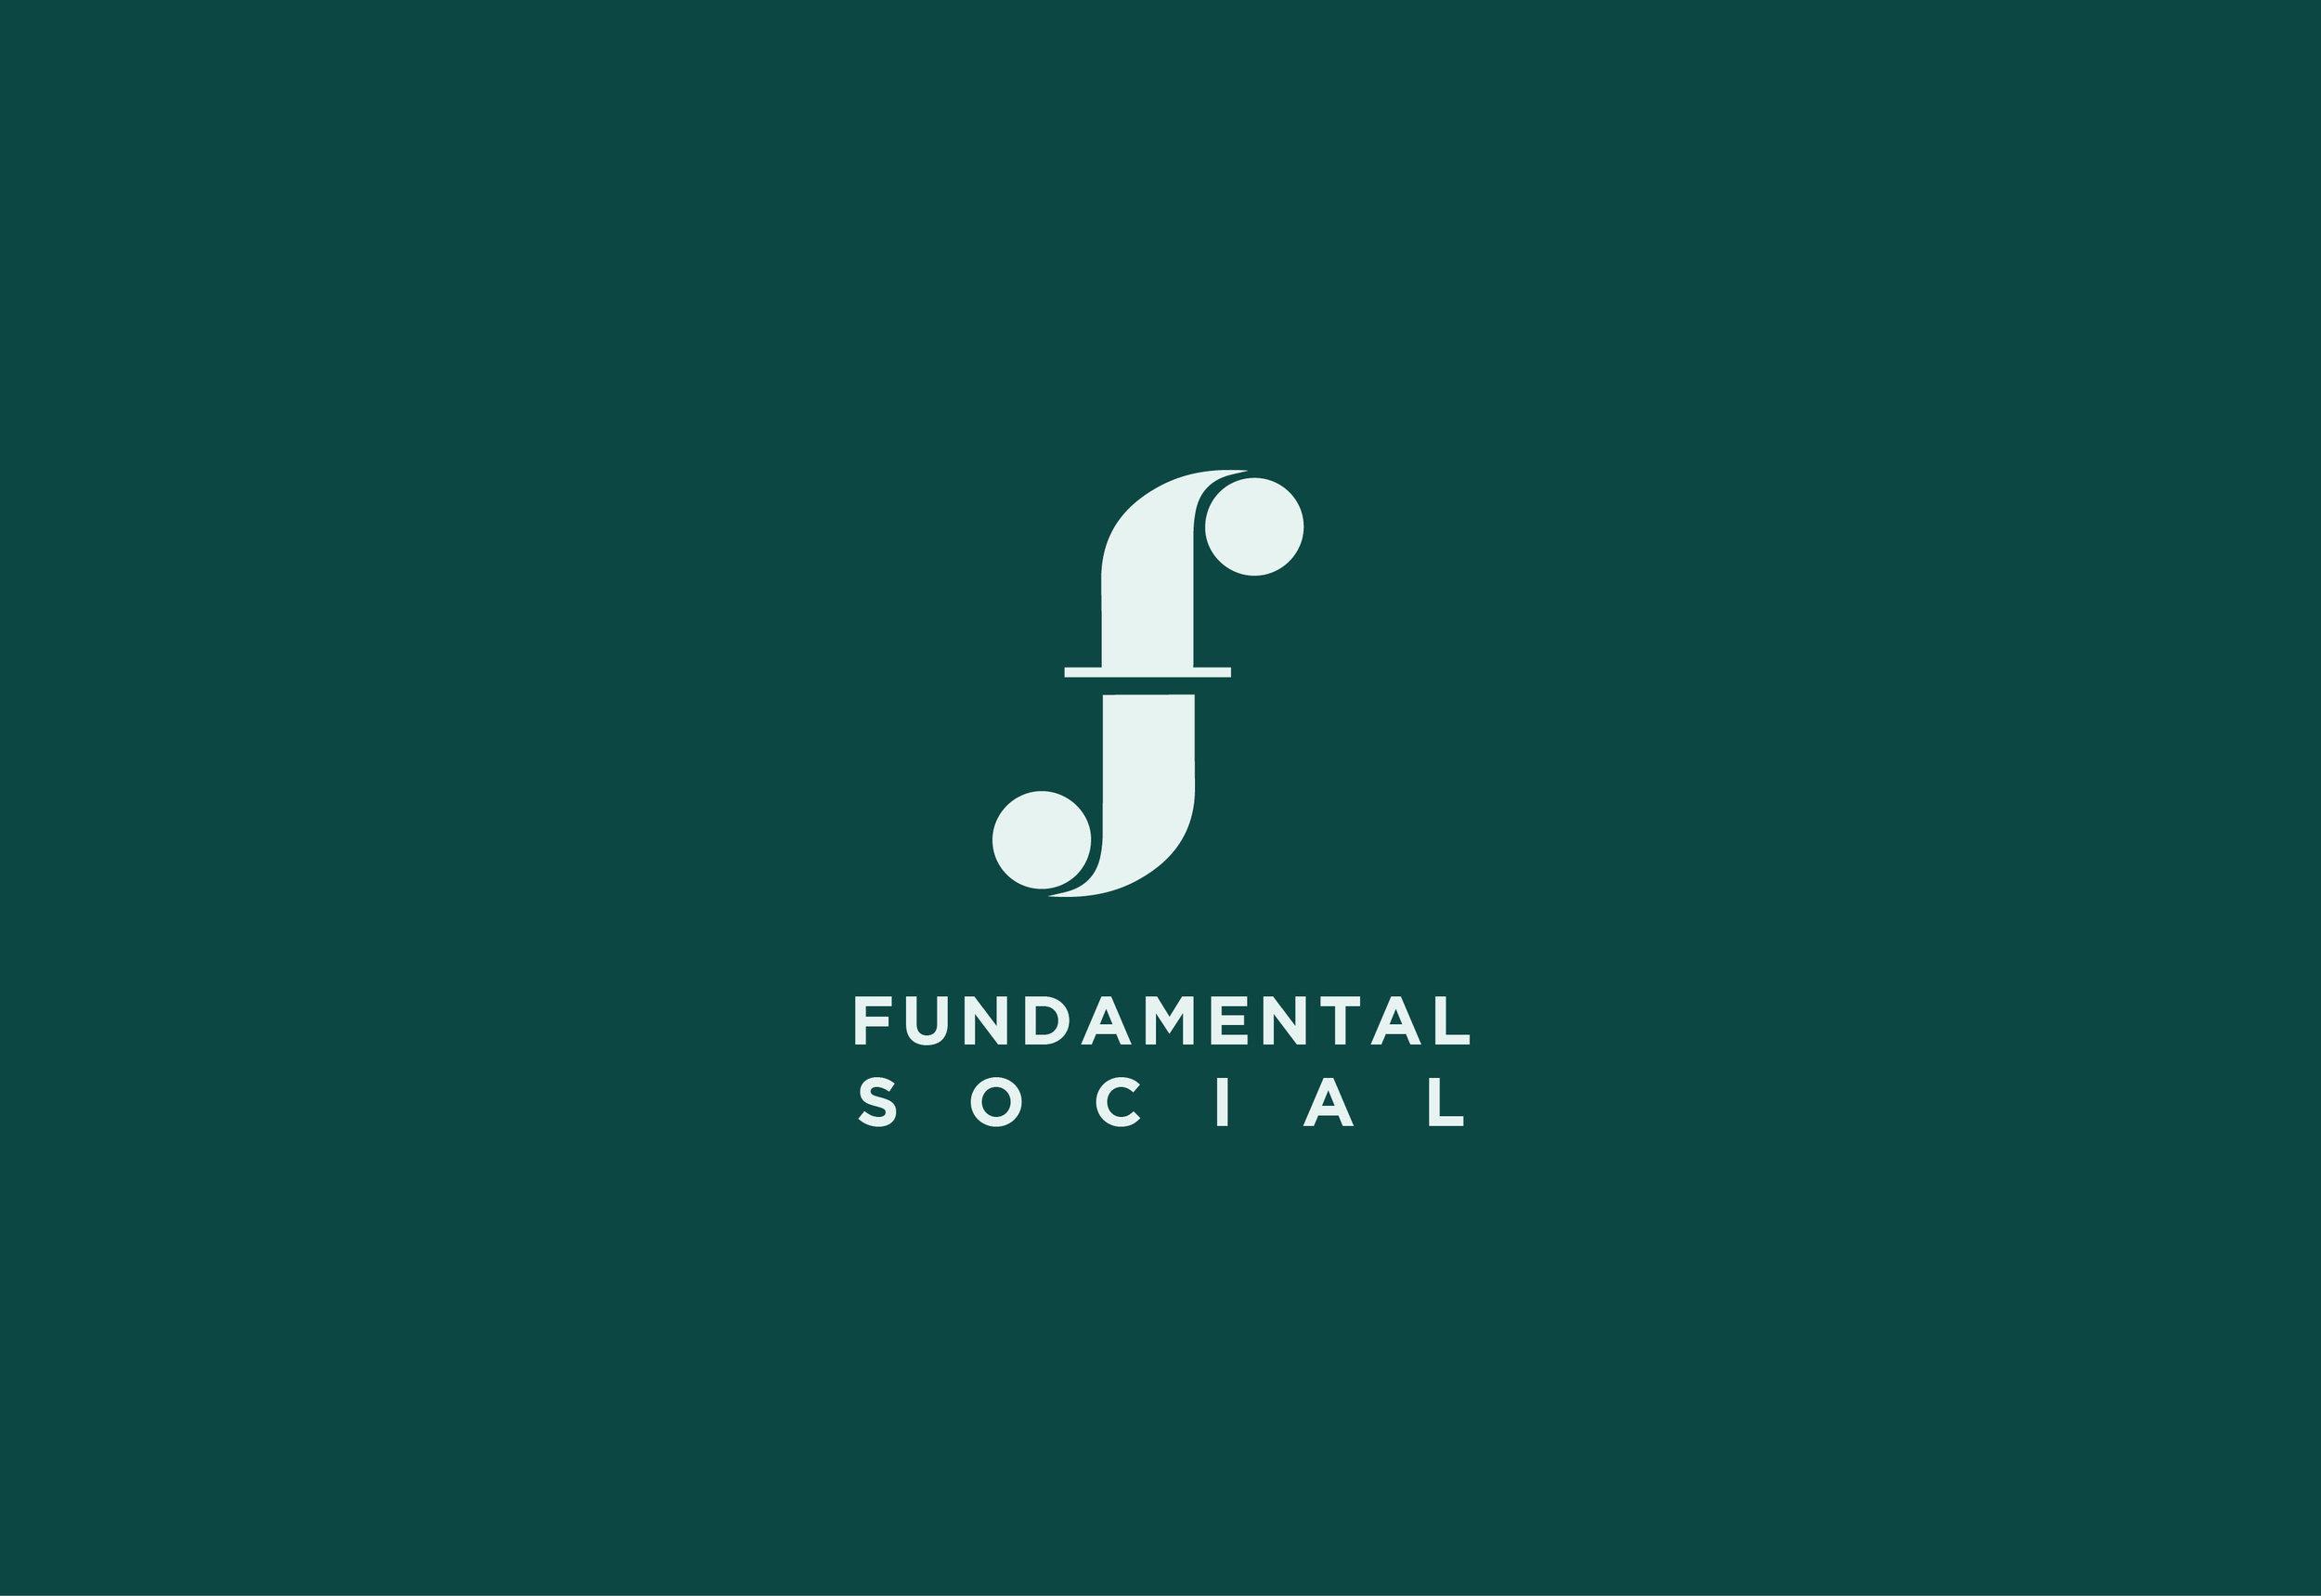 Fundamental Social Branding.jpg